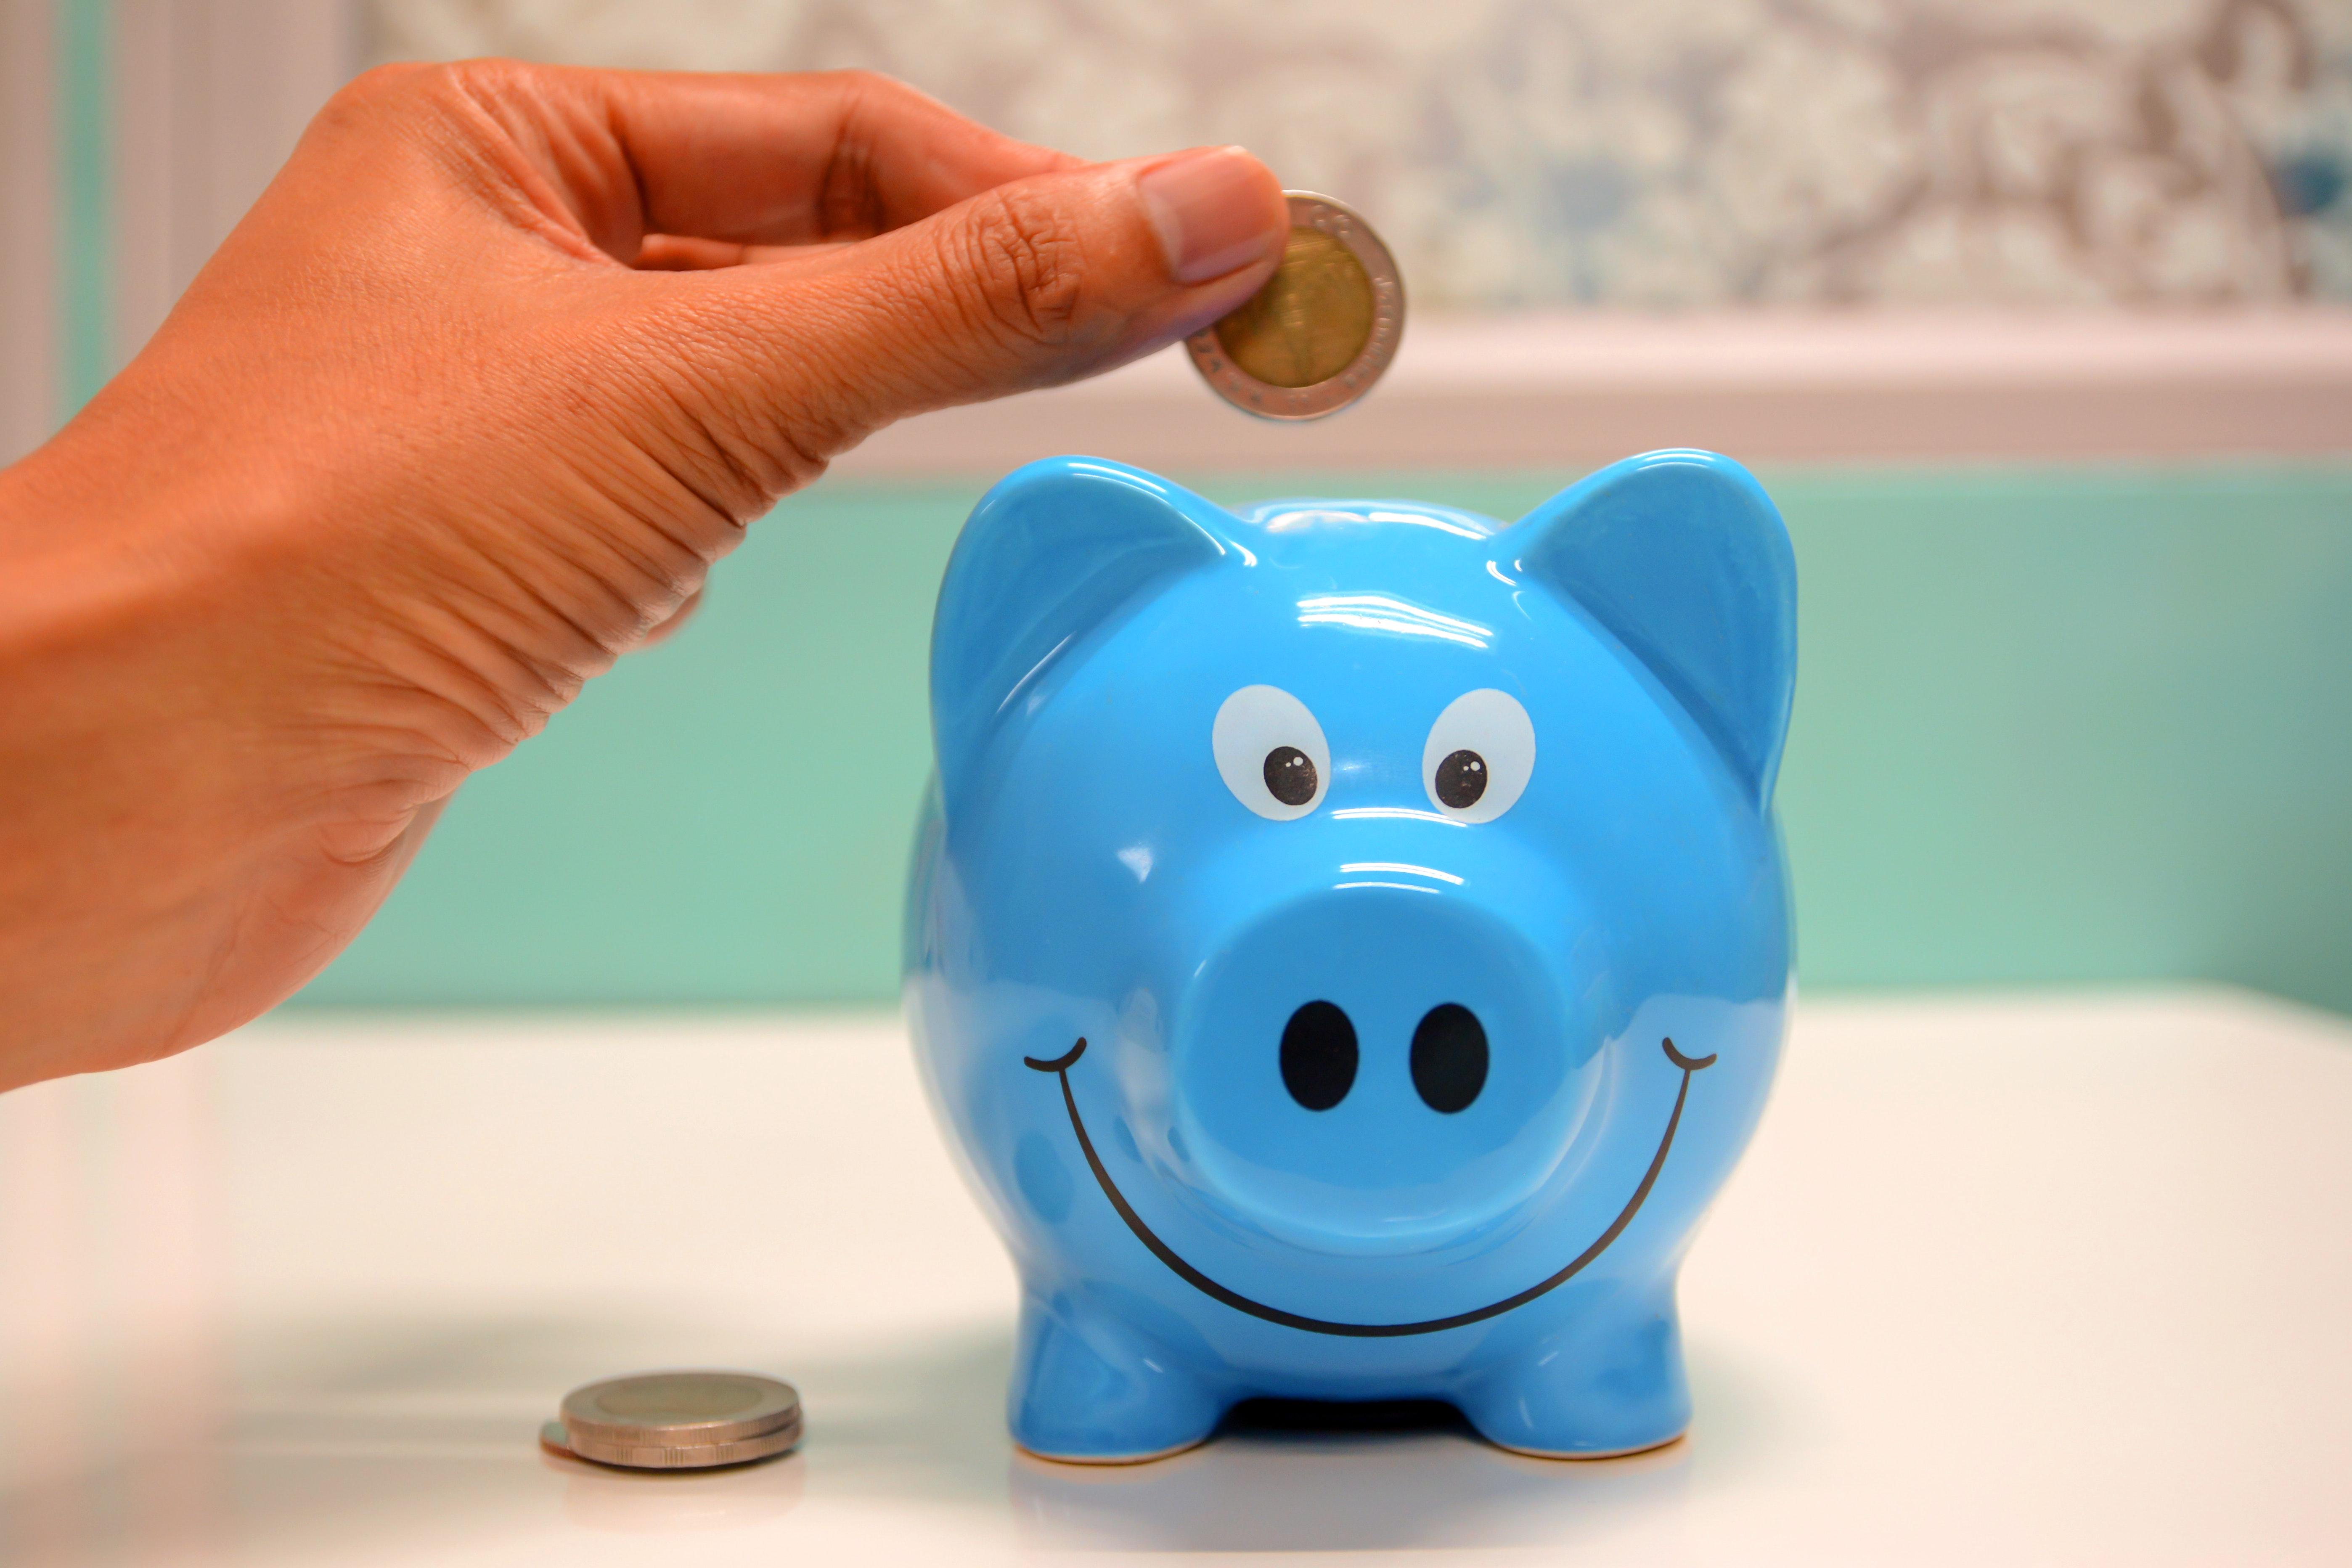 banking-cash-deposit-money-piggy-bank-savings-security-1556537